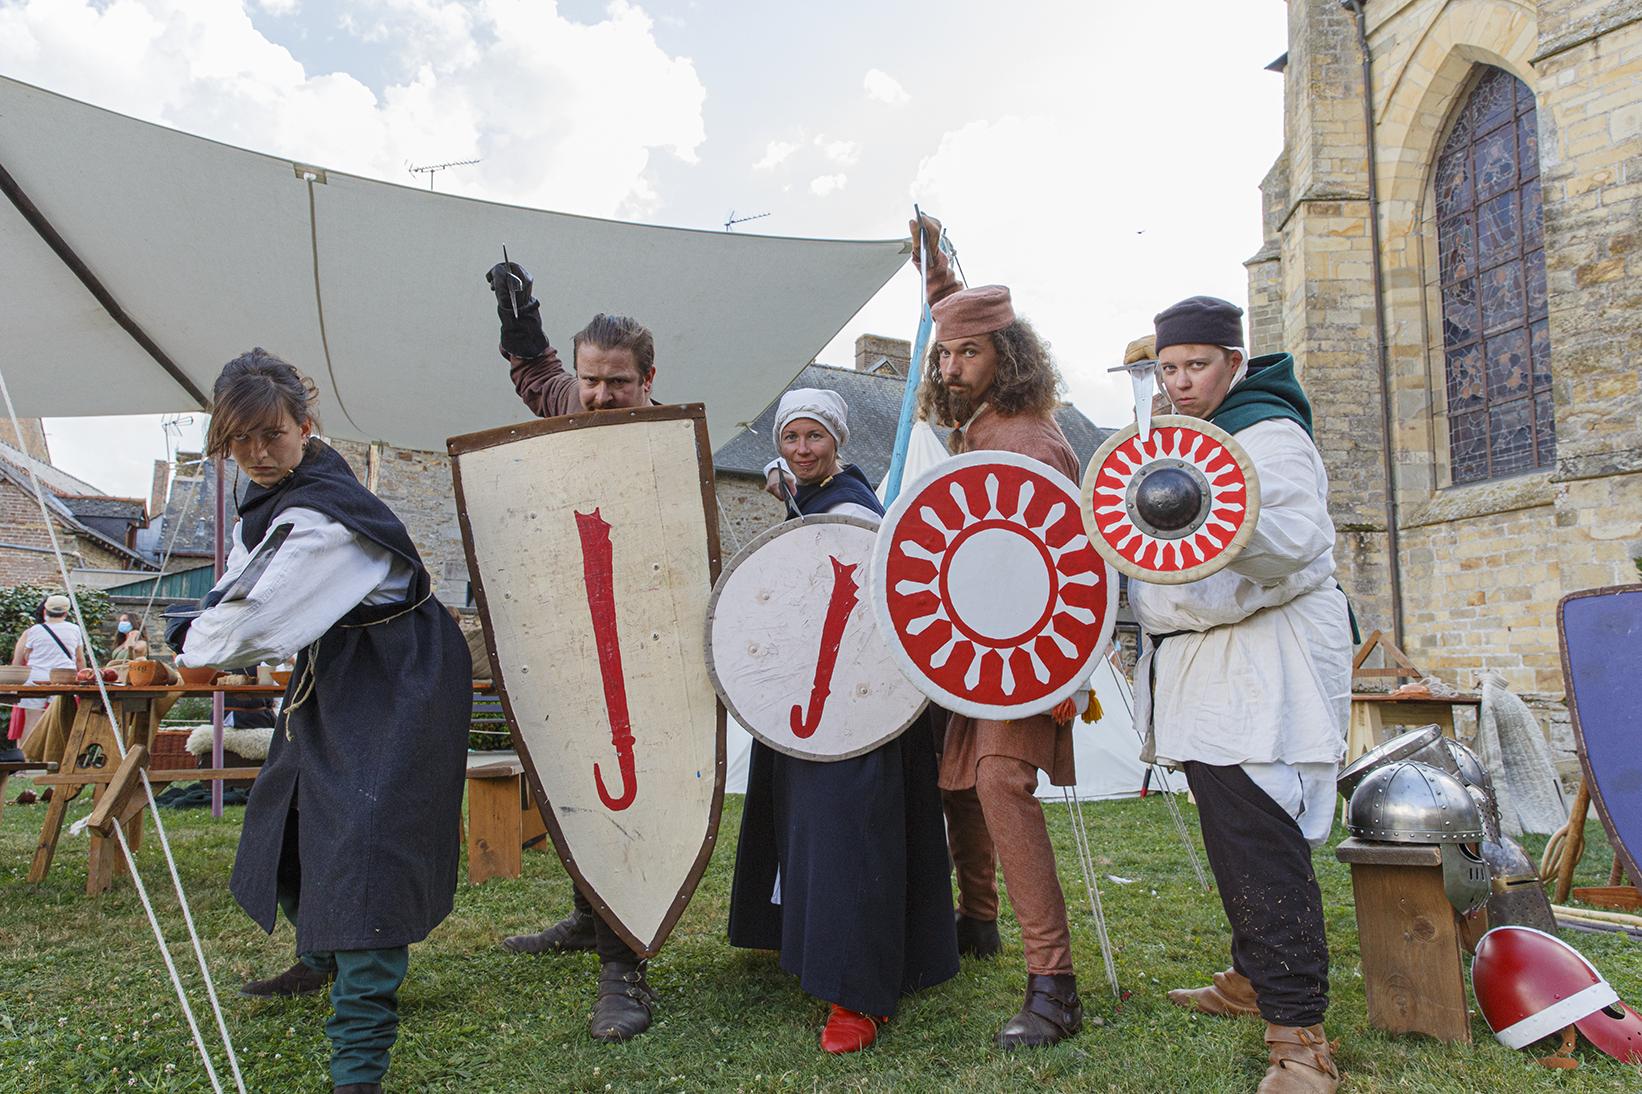 Reconstitution de scènes de combats avec des guerriers médiévaux durant la fête des 900 ans du marché de la Guerche-de-Bretagne. Samedi 4 septembre 2021.